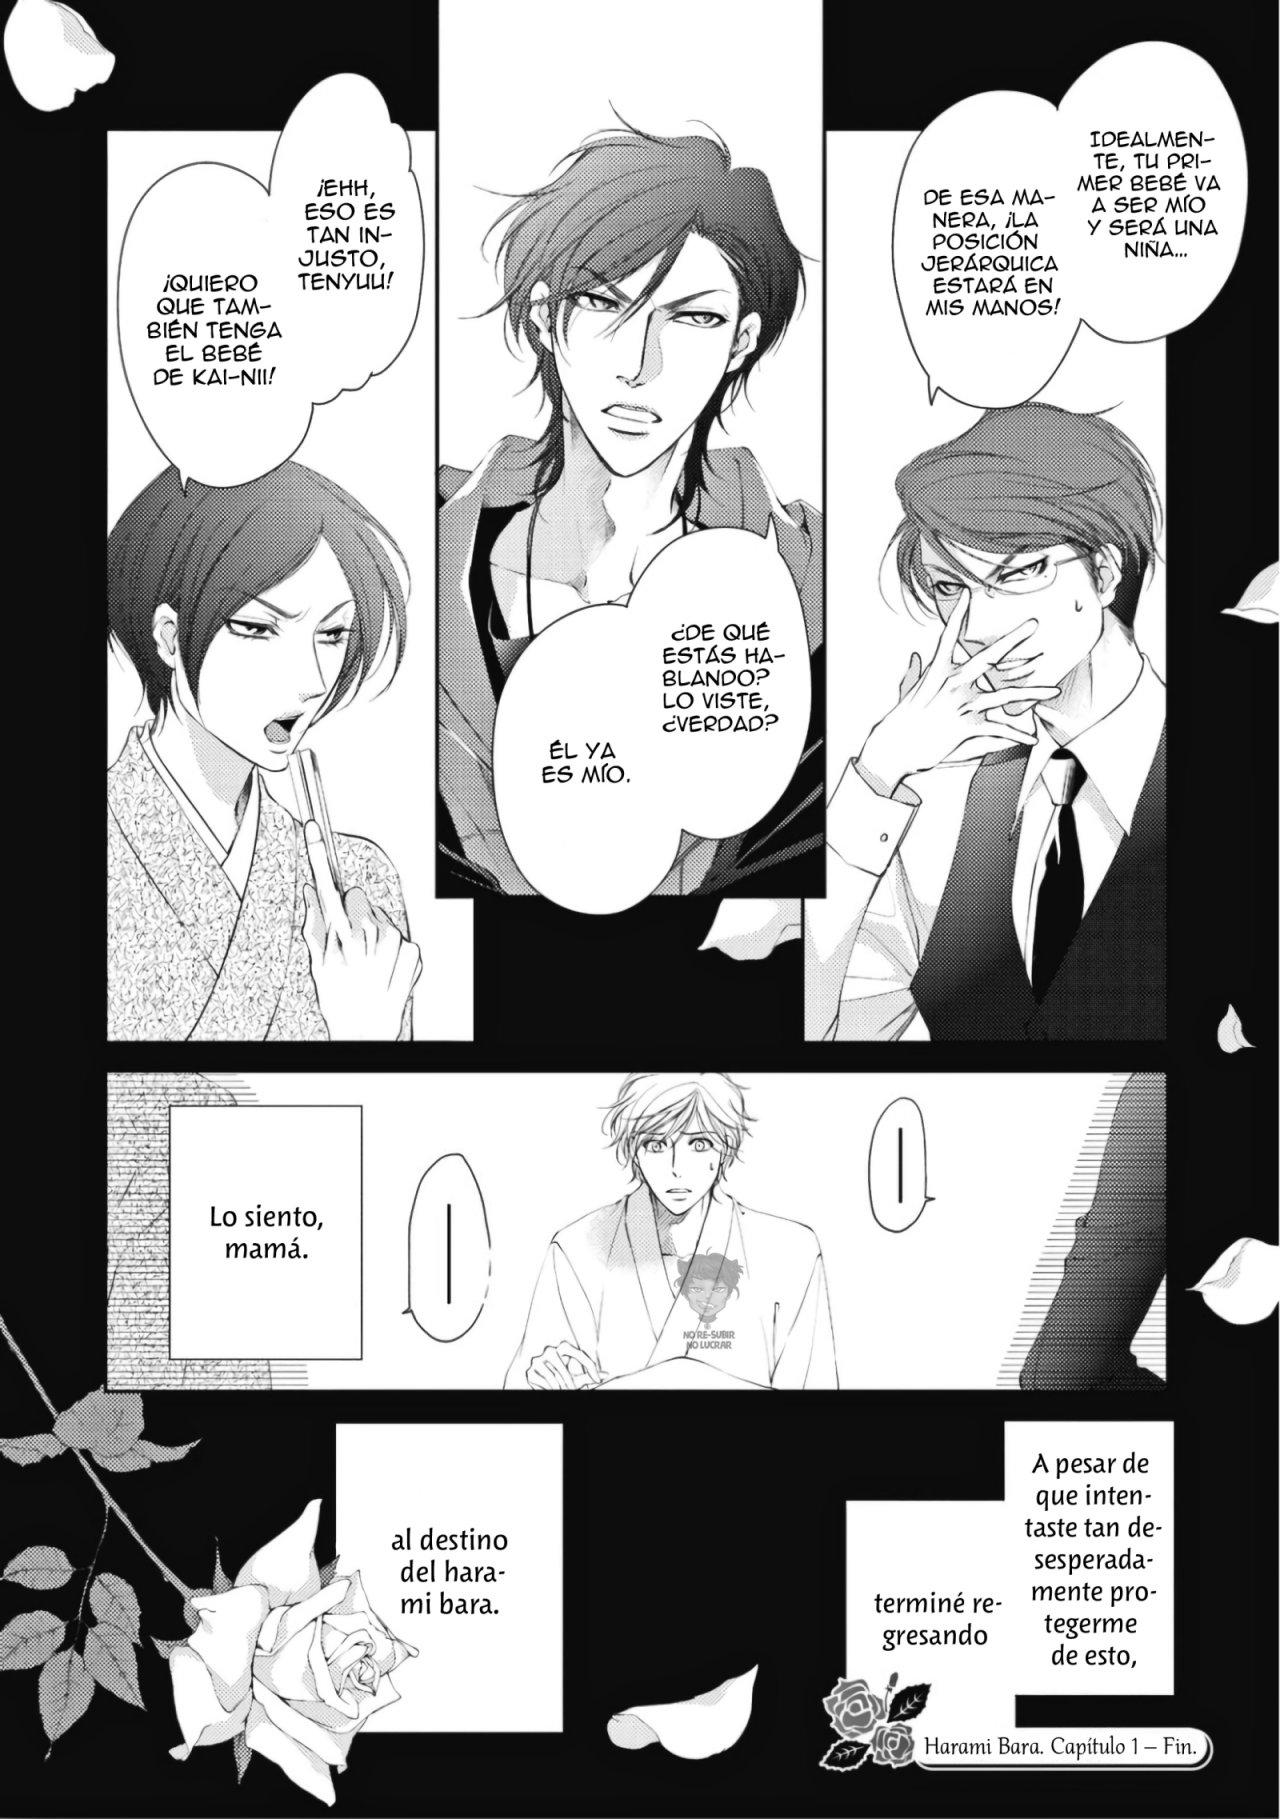 https://nine.mangadogs.com/es_manga/pic8/51/36659/946321/e169b4a4f51927e111471c36da8605c9.jpg Page 30